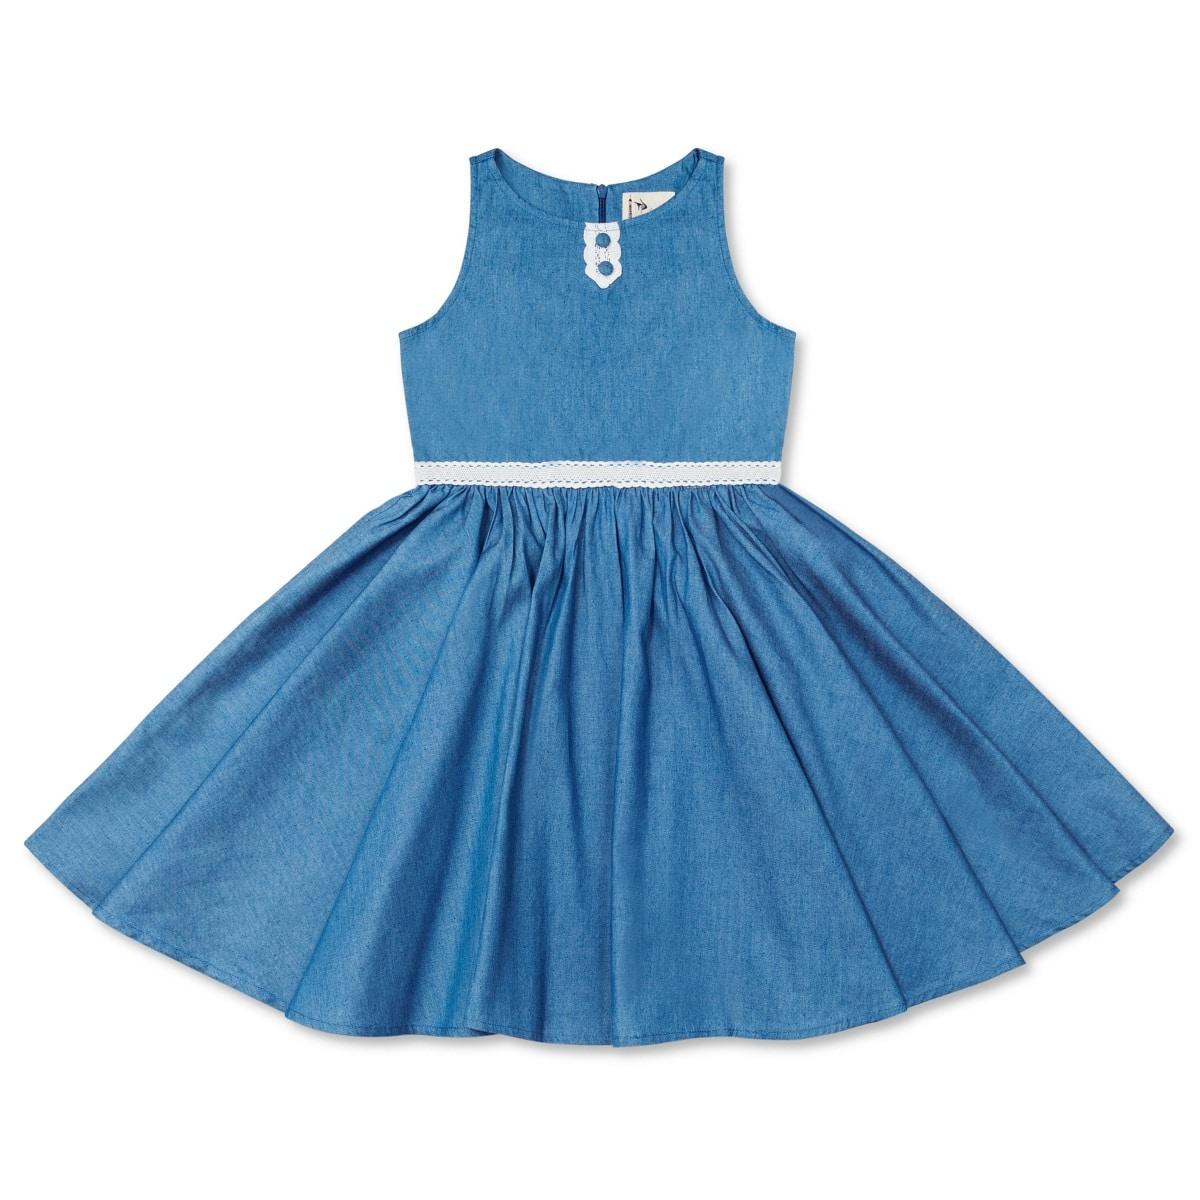 robe sans manche été fille en coton denim bleu clair à fine dentelle blanche mode française de 2 à 14 ans